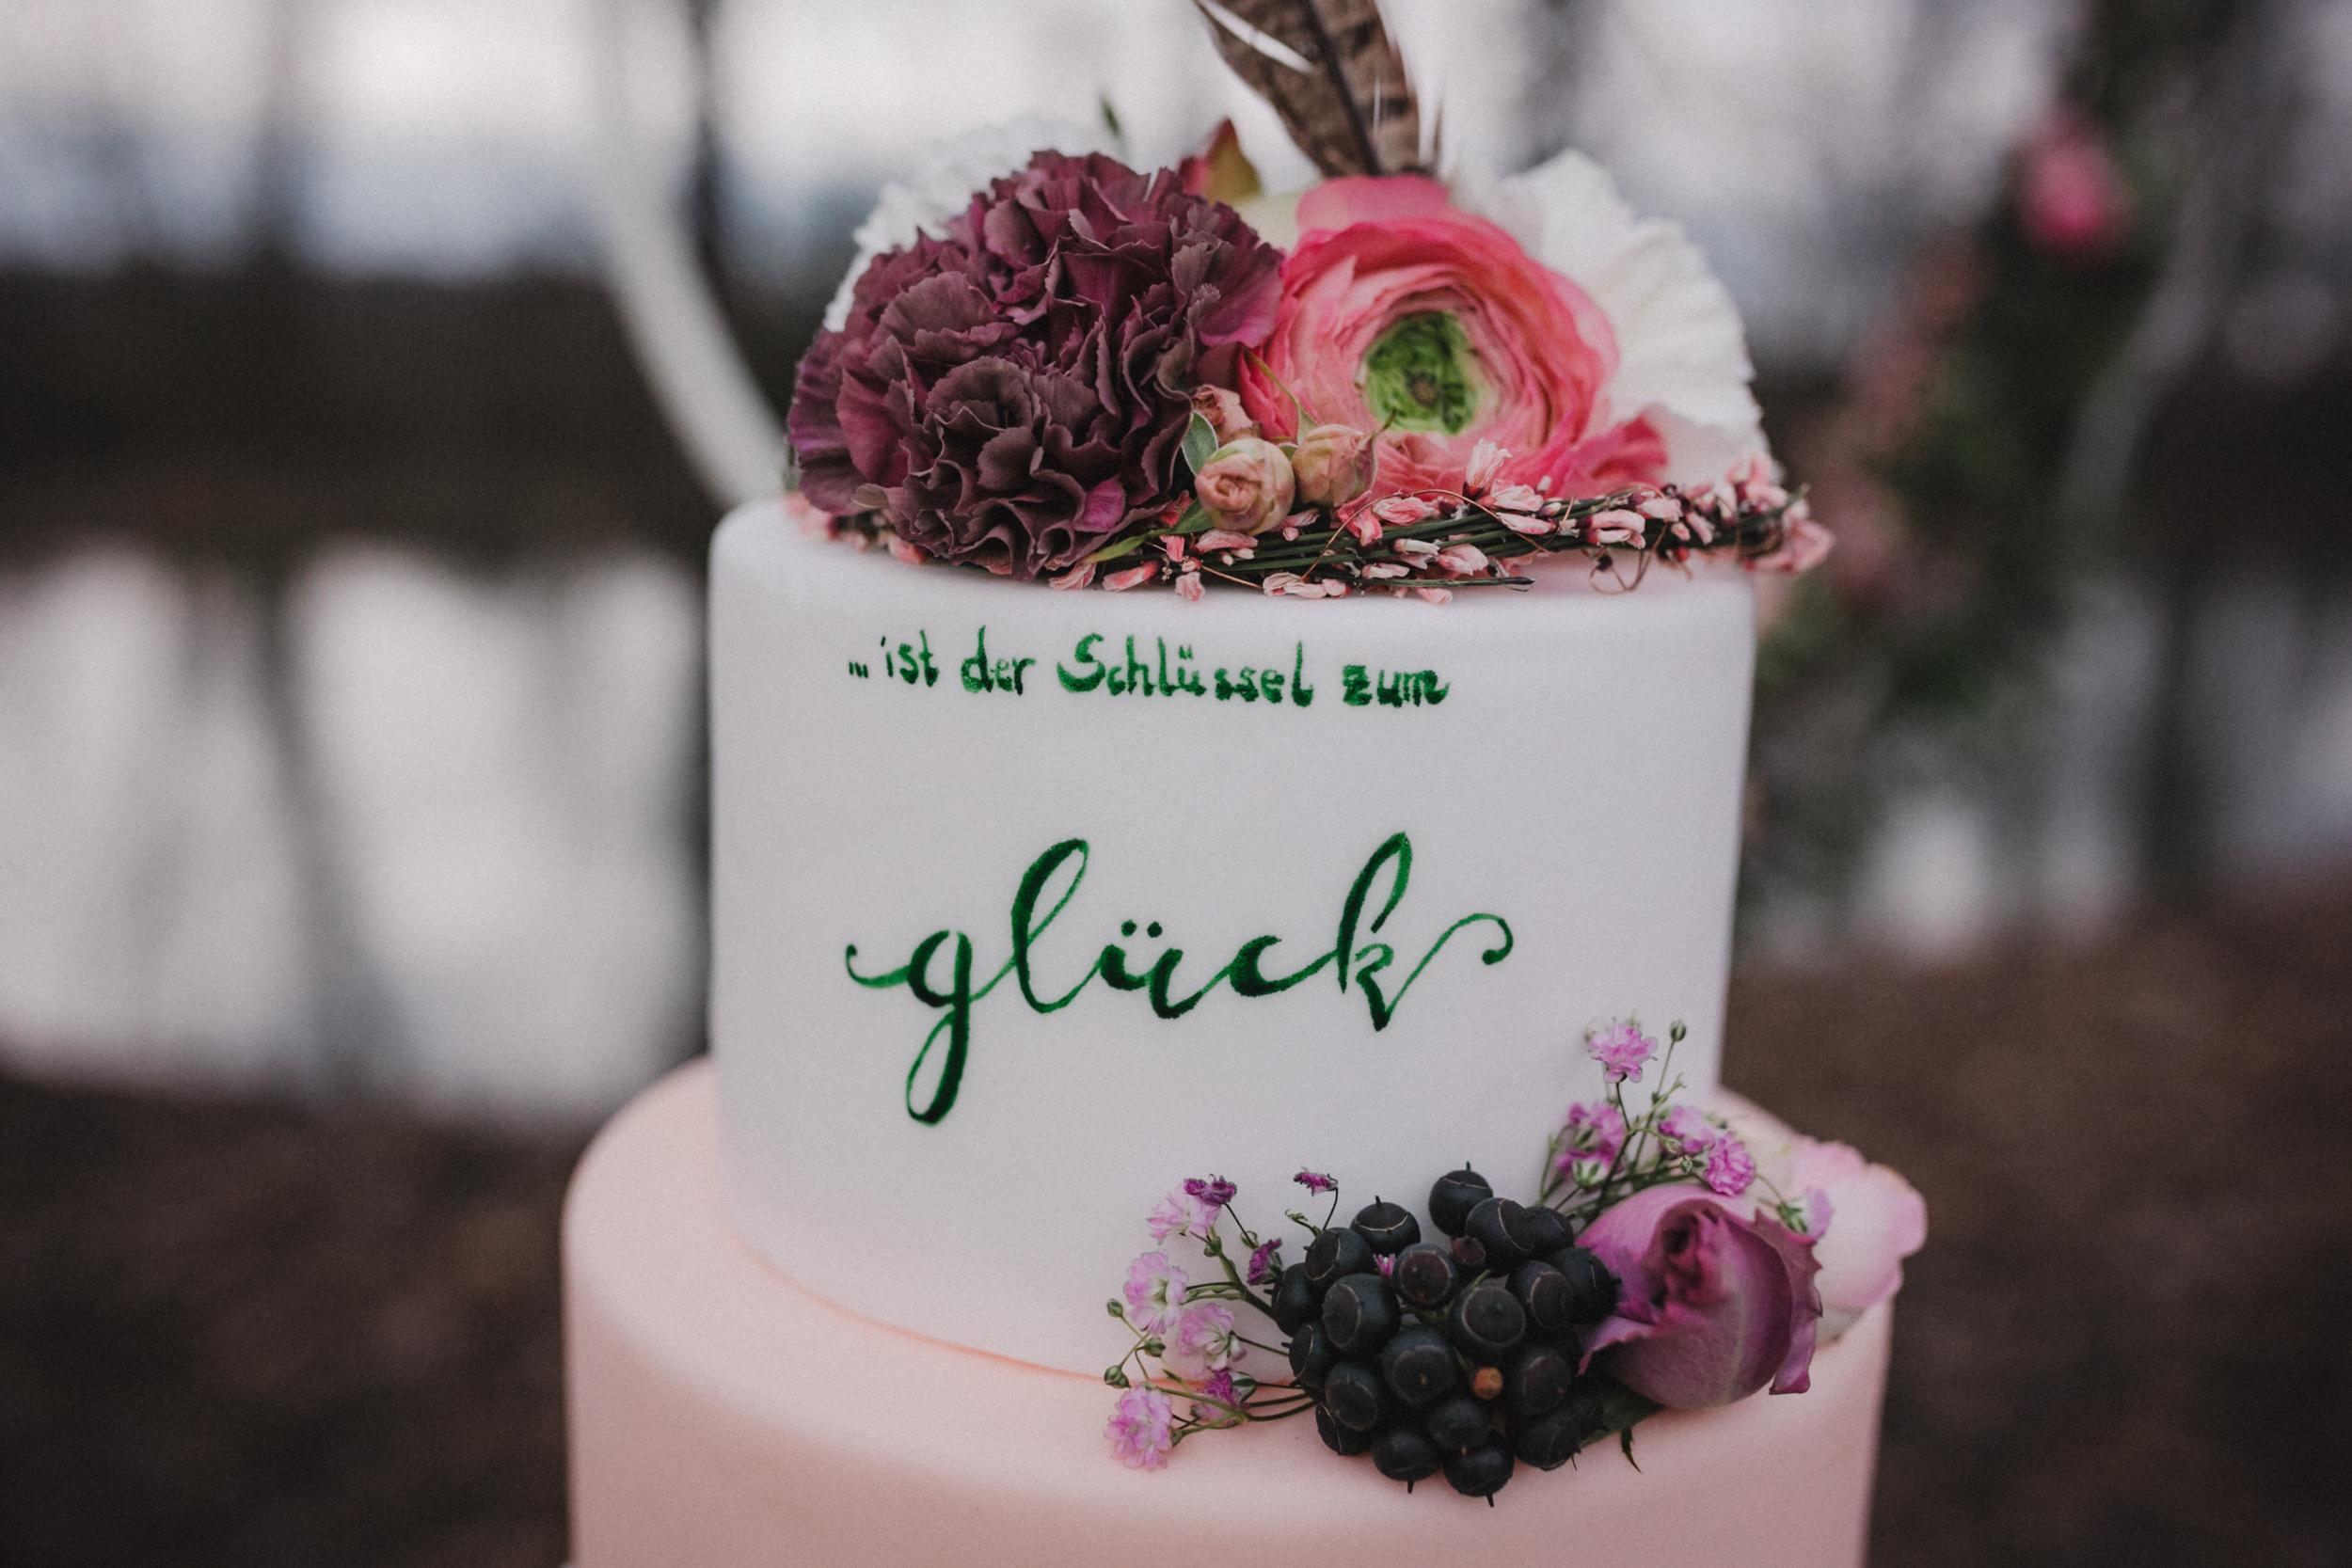 cake_blumen_schlüssel_zum_glück.jpg